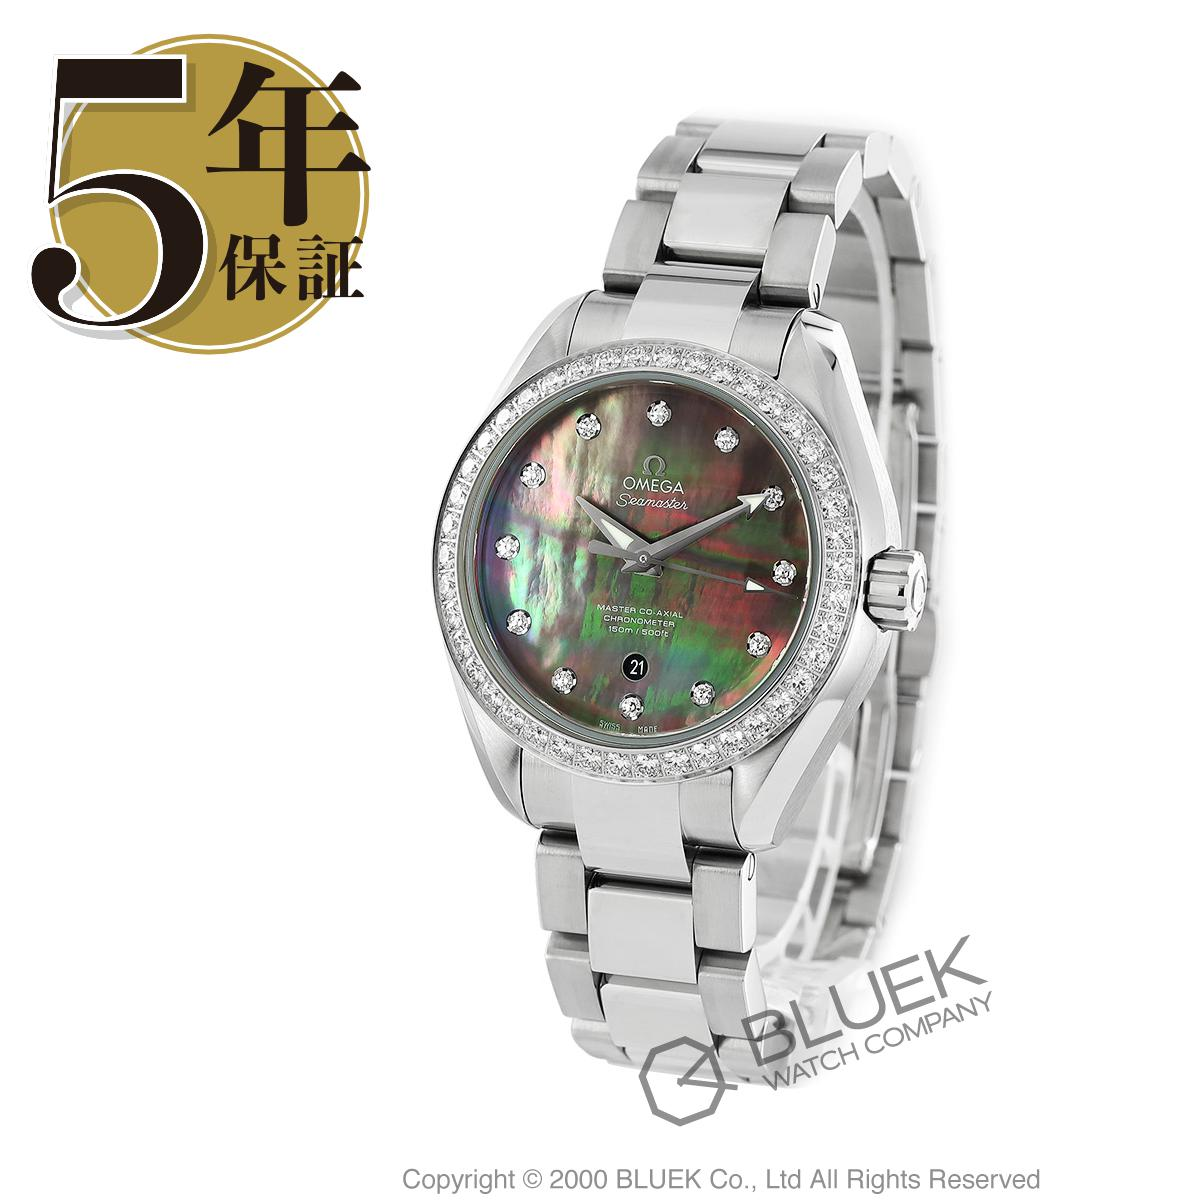 オメガ シーマスター アクアテラ ダイヤ 腕時計 レディース OMEGA 231.15.34.20.57.001_8